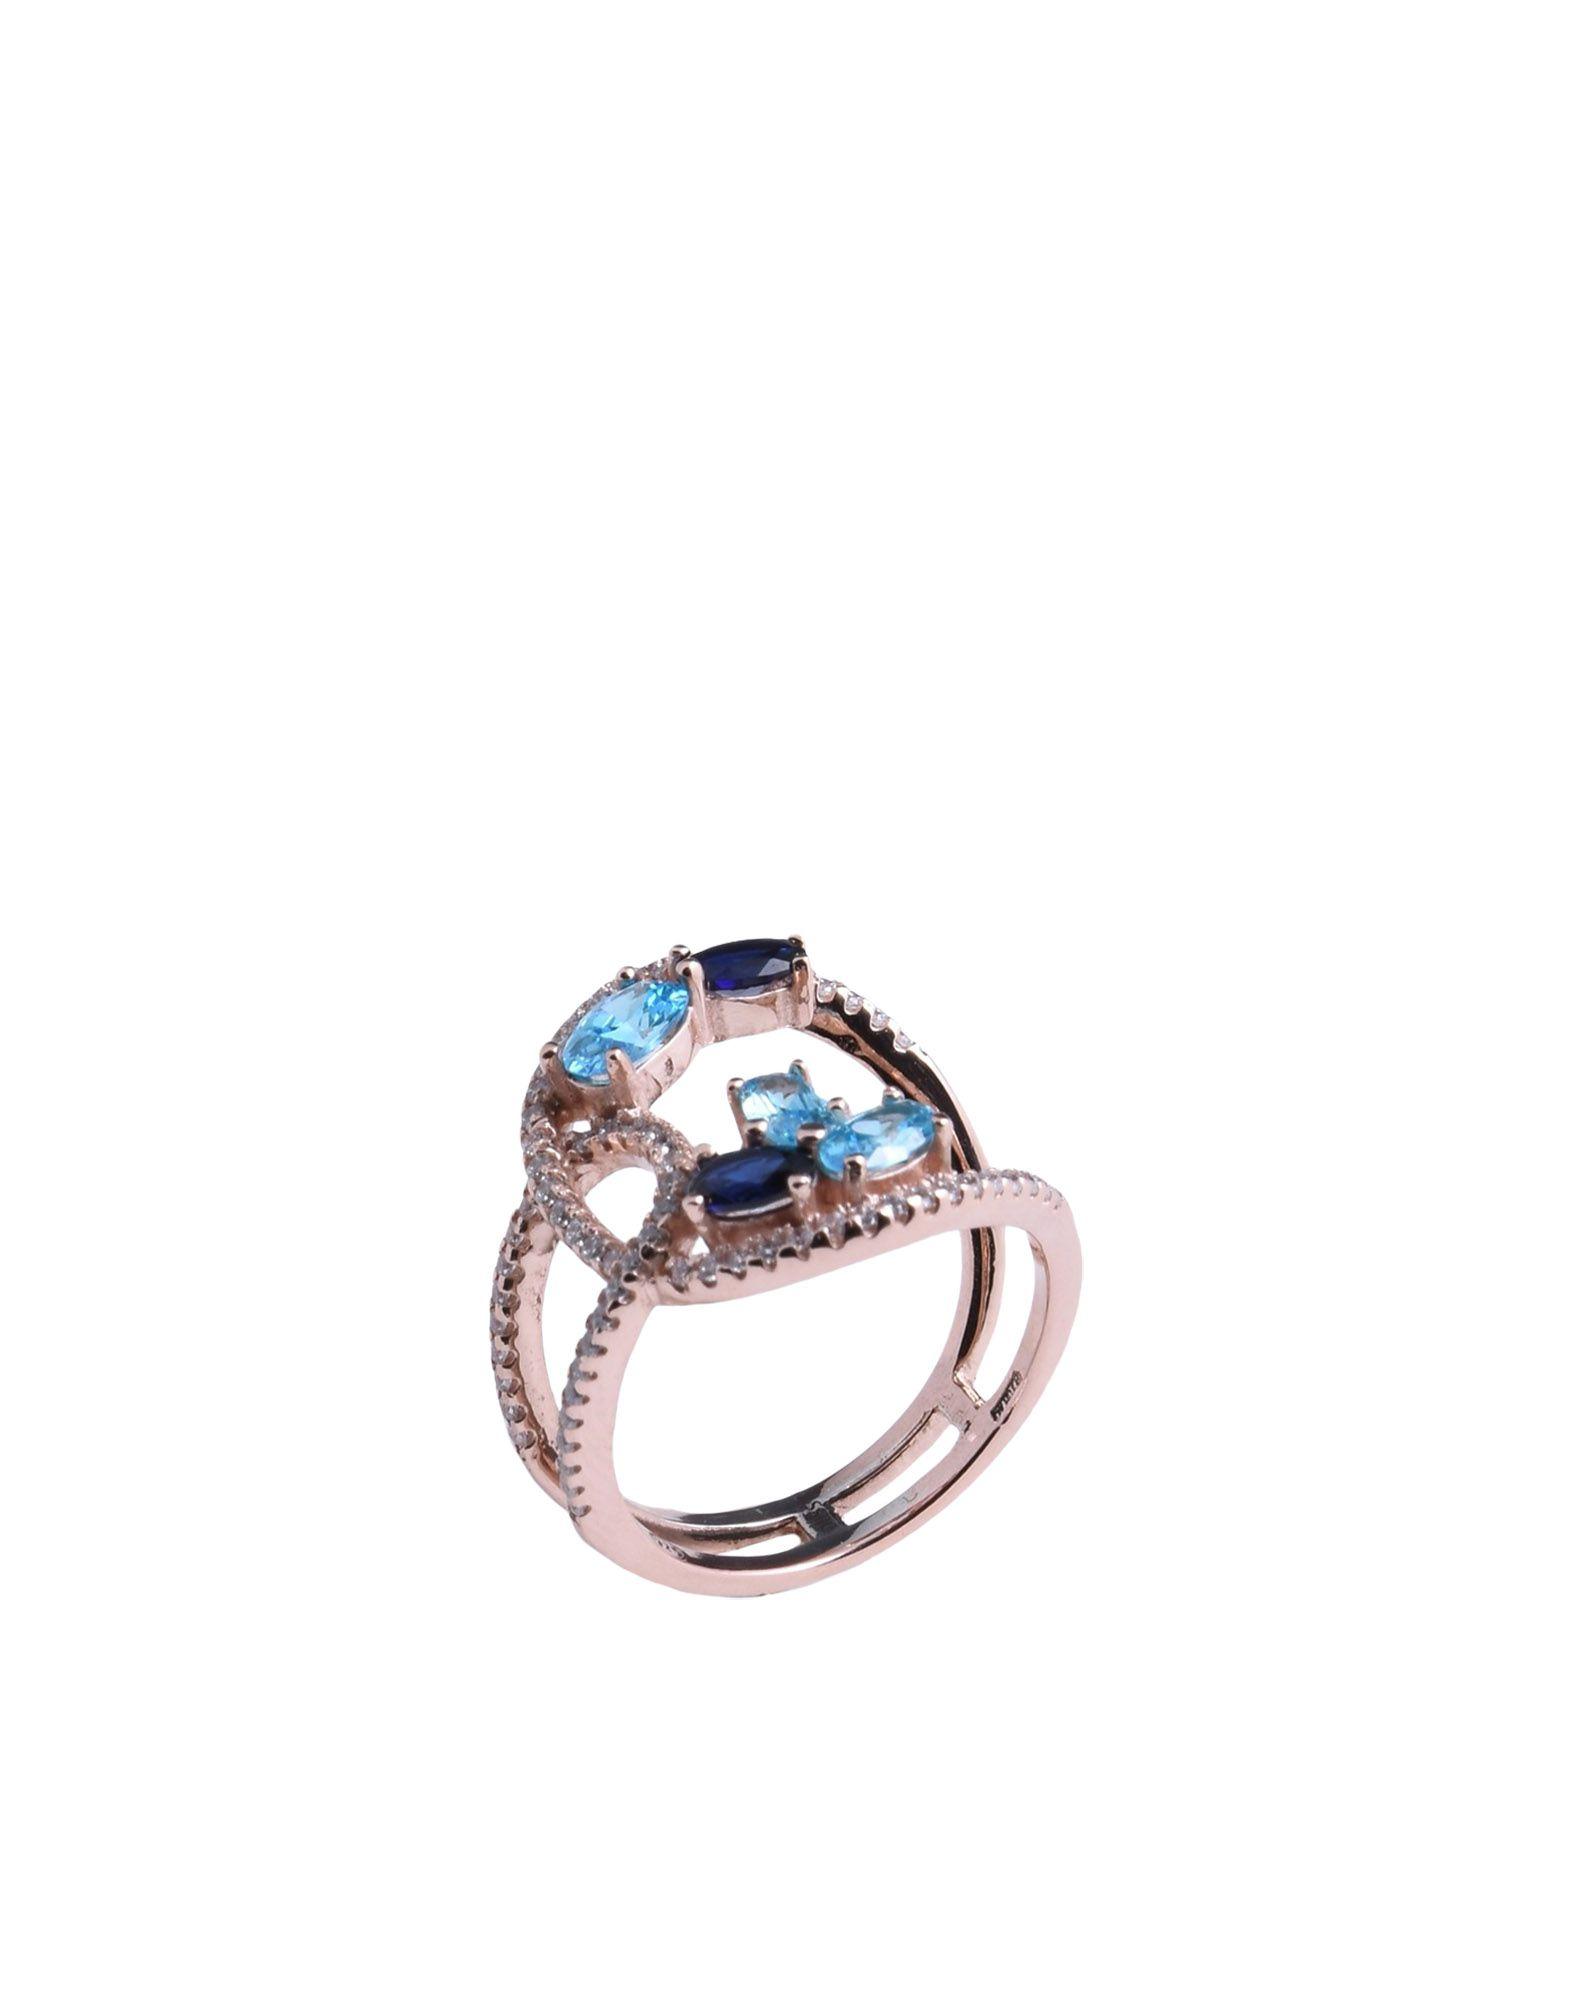 《送料無料》BLISS レディース 指輪 カッパー 16 シルバー925/1000 / キュービックジルコニア